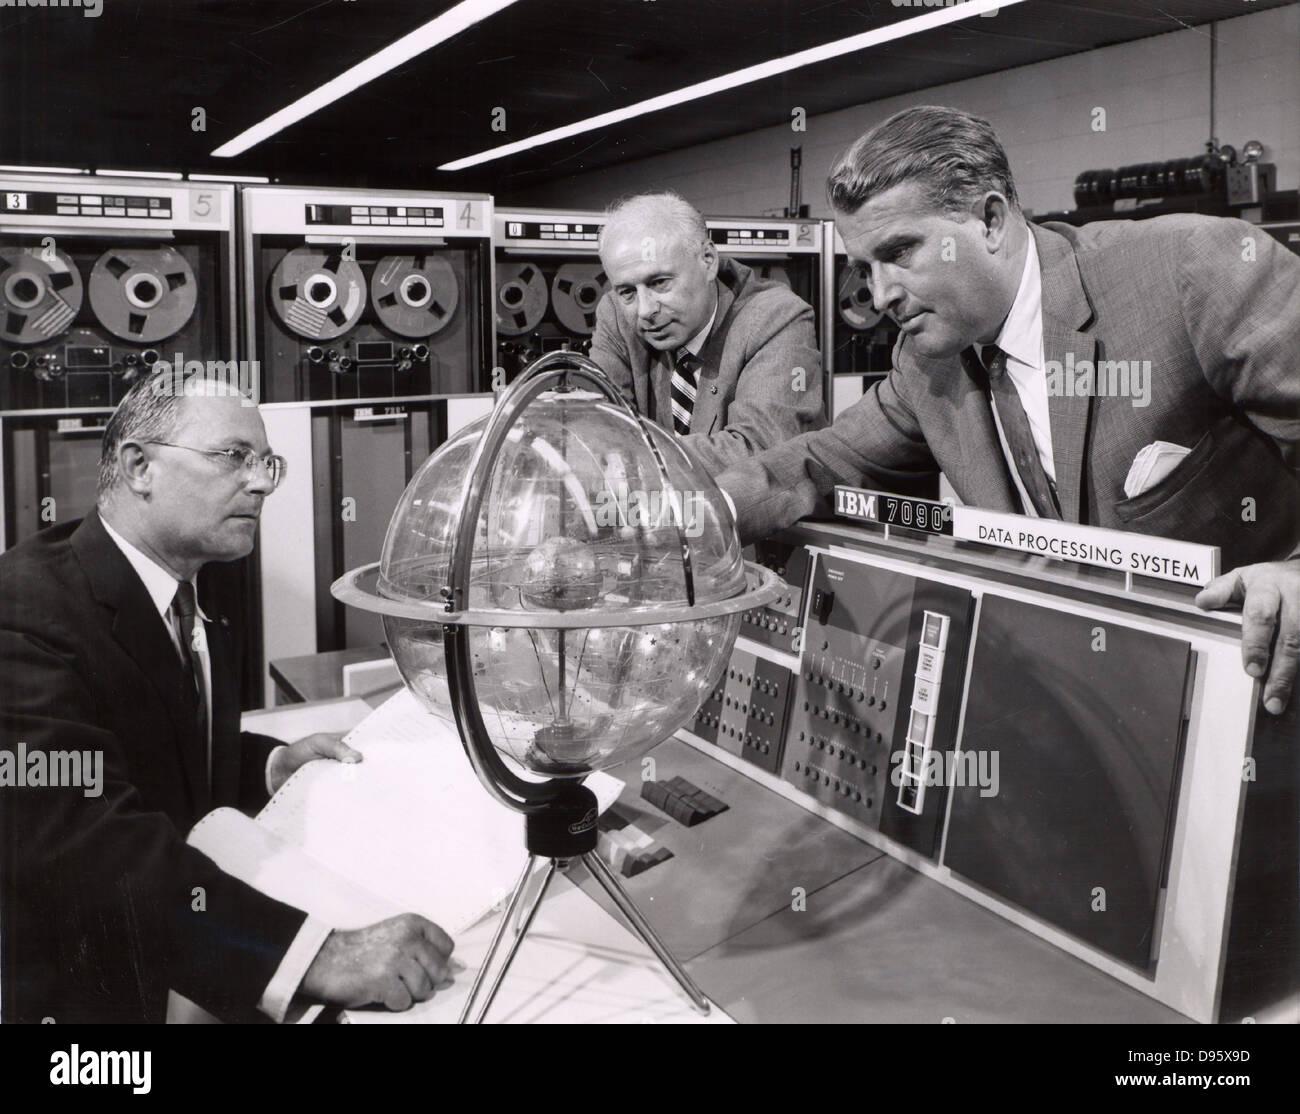 Werner Magnus Maximilian Freihier von Braun (1912-1977) deutscher Wissenschaftler im Rakete Programm seines Landes beteiligt. Nach dem Zweiten Weltkrieg nahm er uns Nationalität. Er wurde Direktor der NASA und als Vater der US Space Programm angesehen. Von Braun im Jahre 1960, als Direktor des Marshall Space Flight Center, im Gespräch mit Dr. Helmut Hoelzer und Dr. Eberhard Rees, sein Stellvertreter. Stockfoto